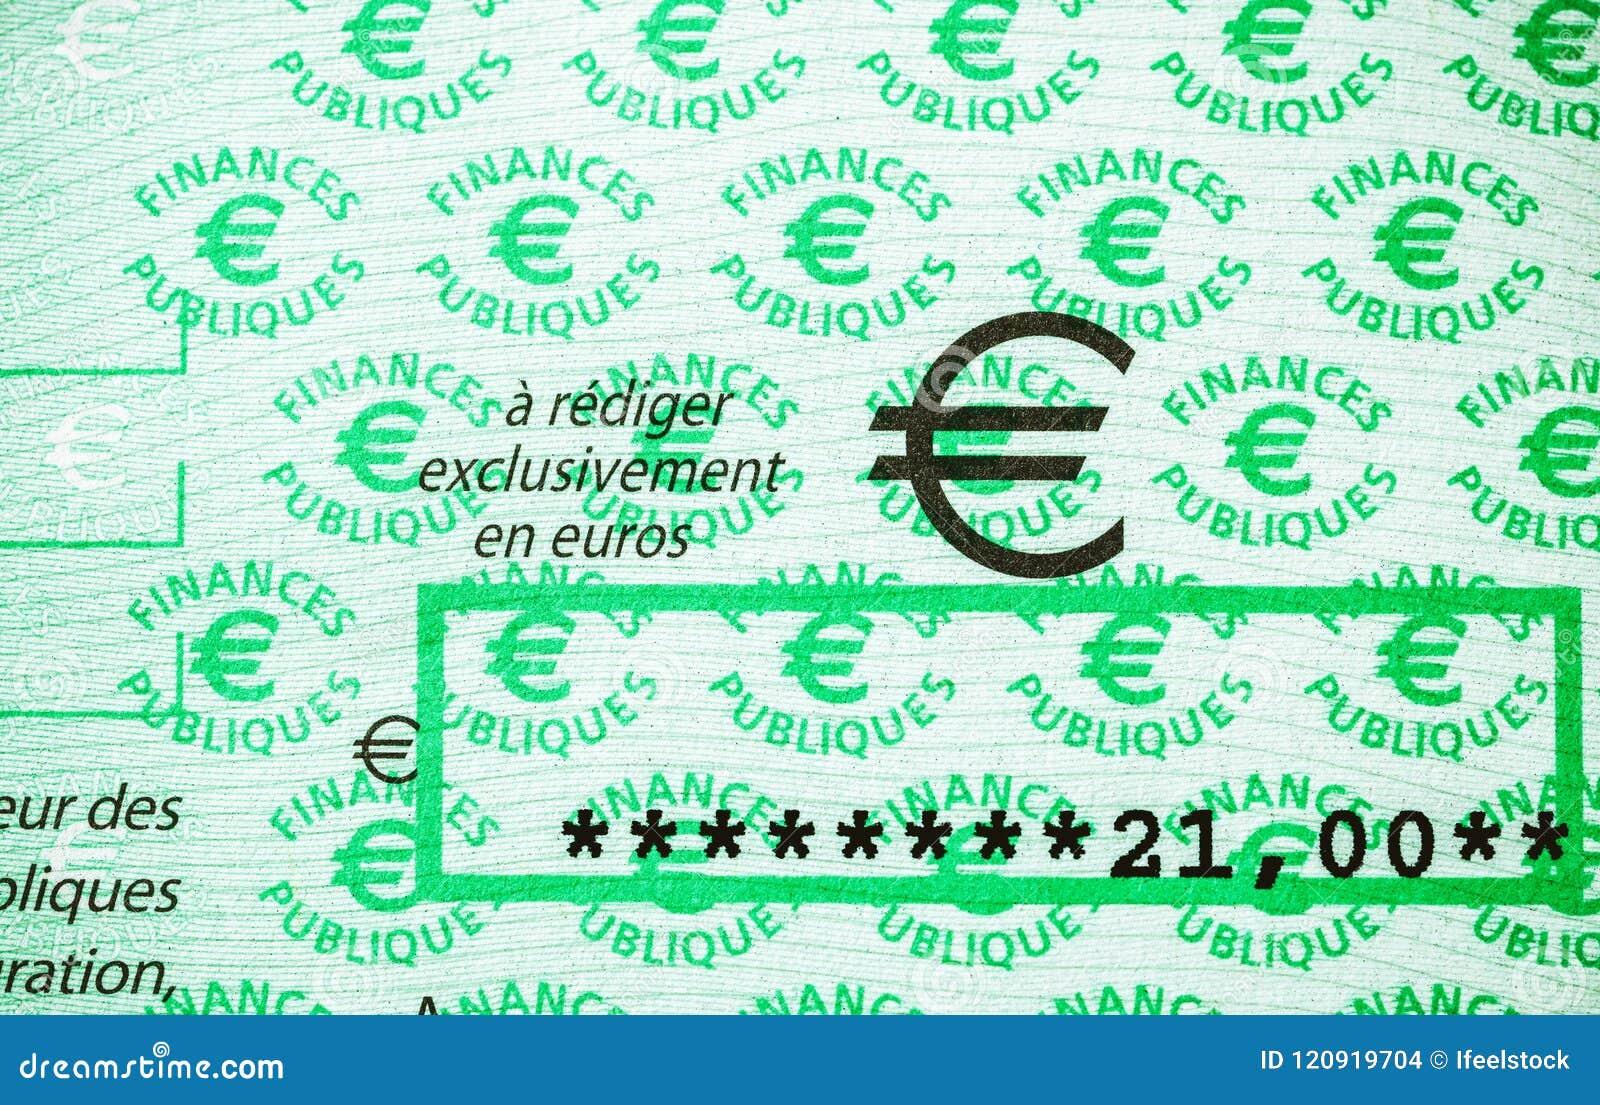 Φόροι στην επιταγή της Γαλλίας που εκδίδεται από την κατεύθυνση Generale des Fina